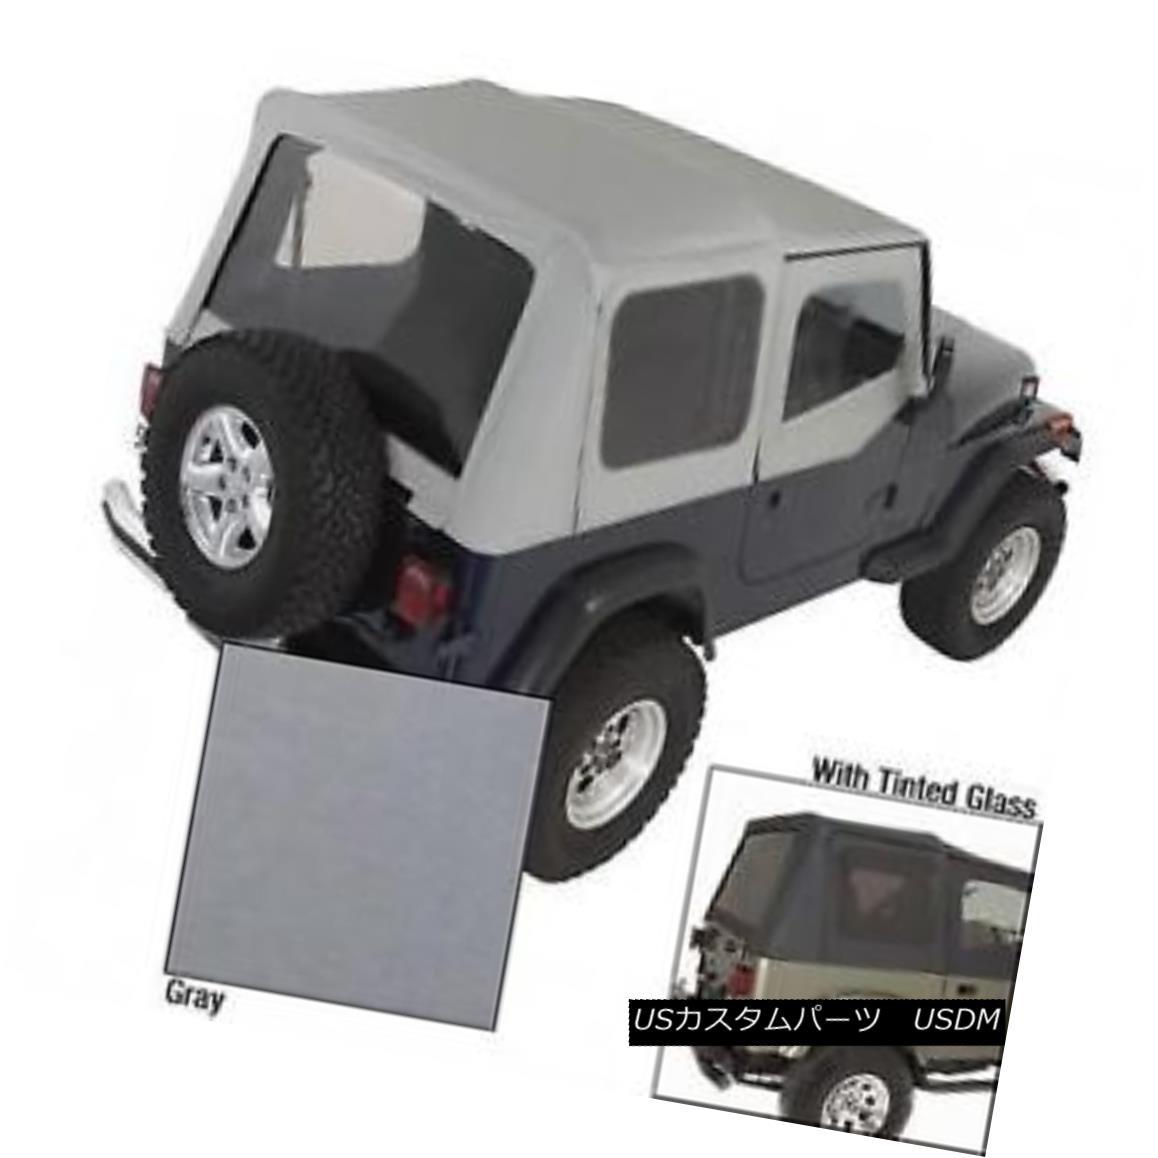 幌・ソフトトップ Rugged Ridge Charcoal Replacement Soft Top 1988-1995 Jeep Wrangler YJ W/Tinted 頑丈なリッジチャコール交換ソフトトップ1988-1995ジープラングラーYJ W / Tinted